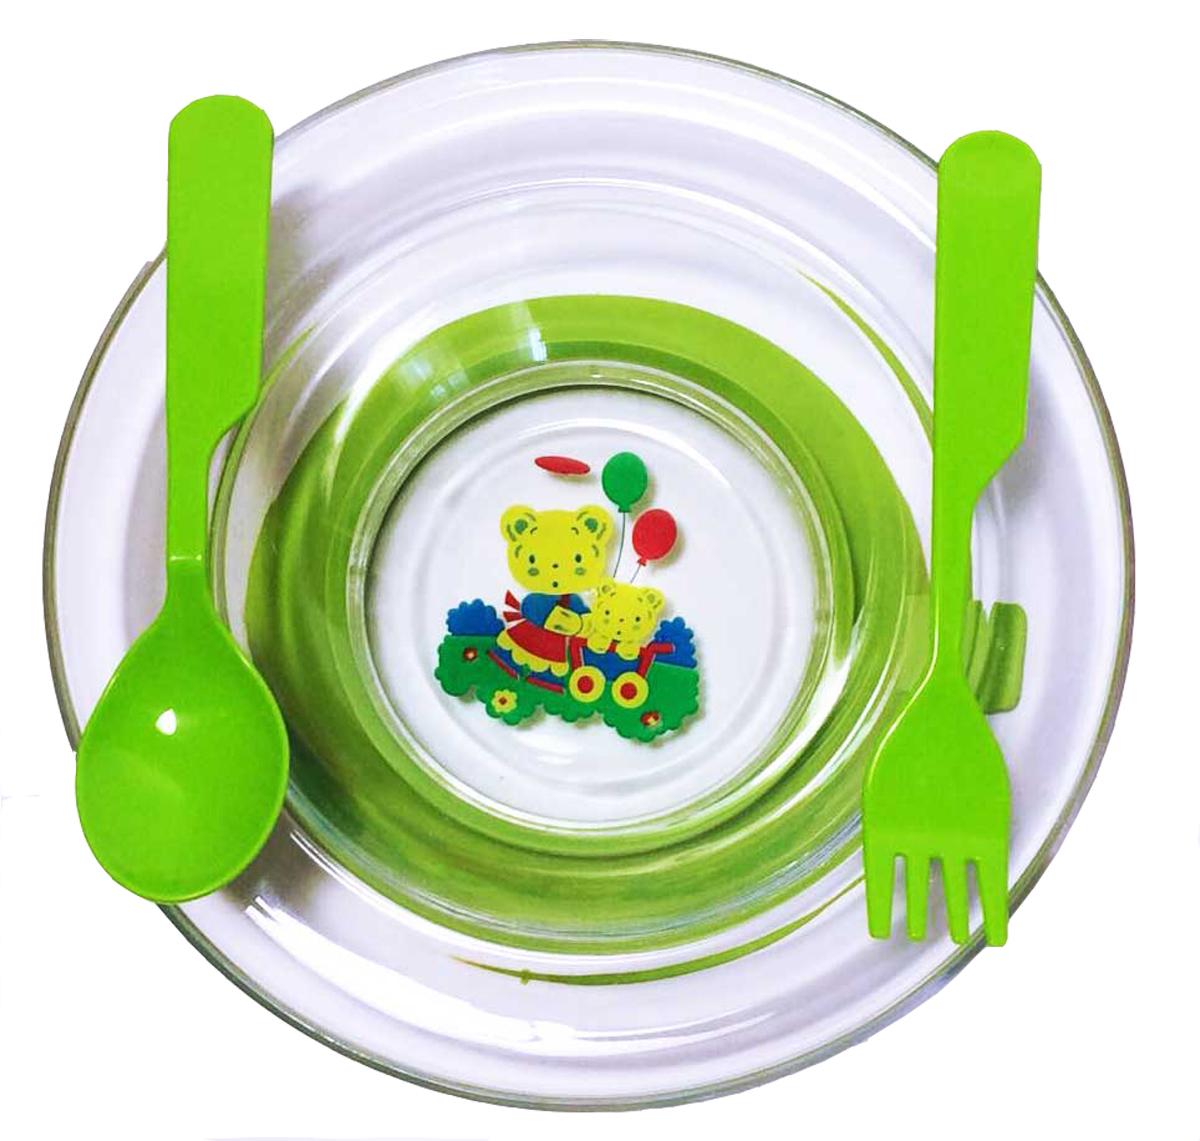 АртХаус Набор детской посуды цвет зеленый 3 предмета